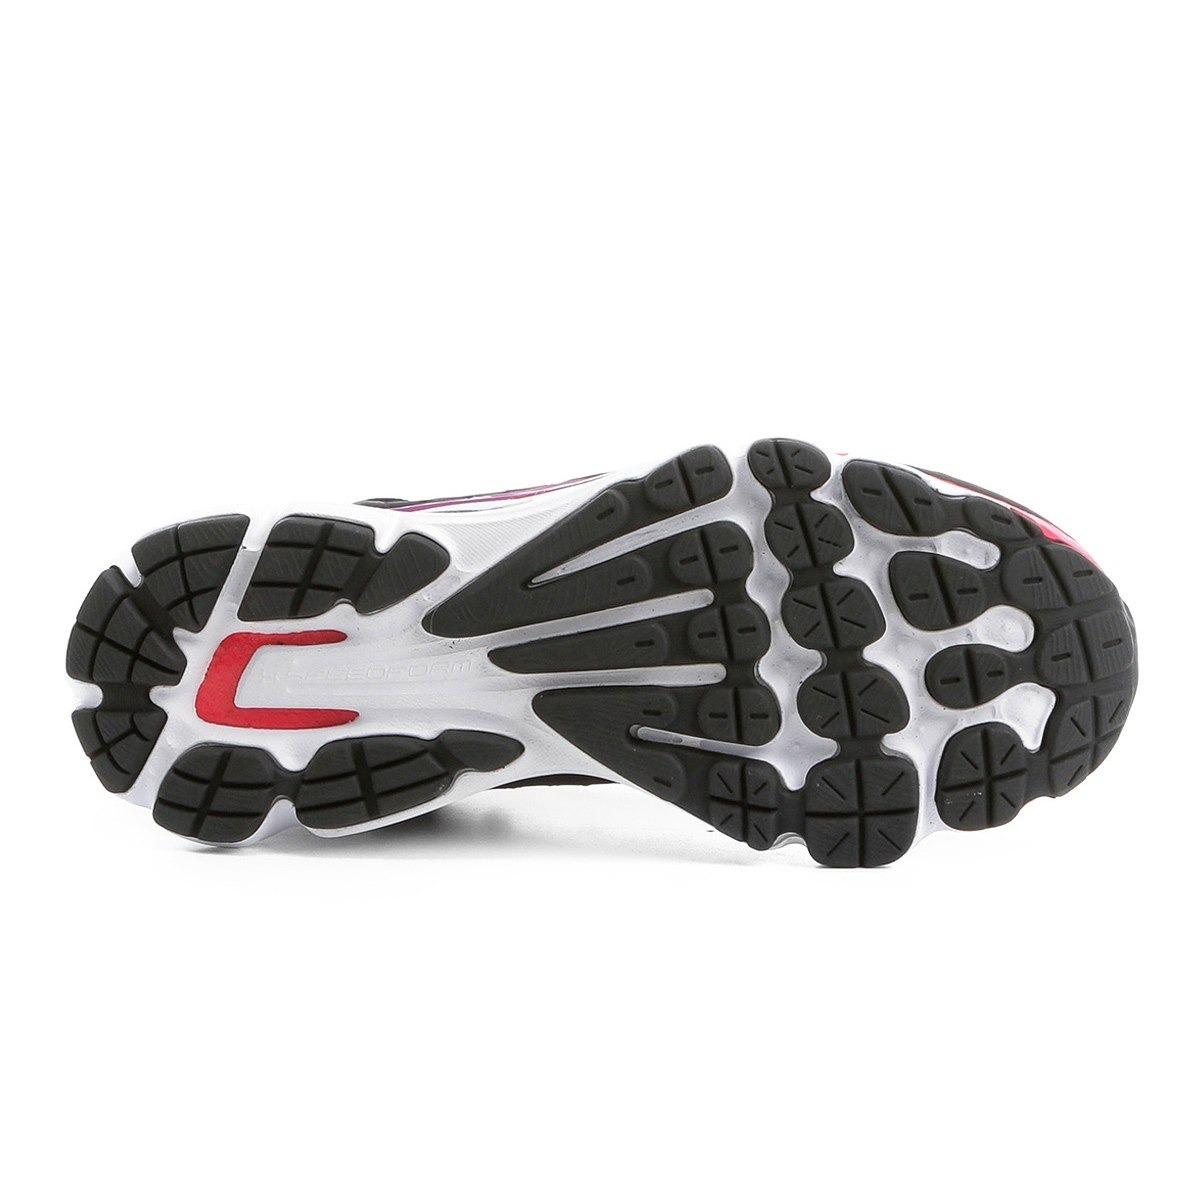 97a2debaf tênis under armour speedform intake sa feminino - original. Carregando zoom.